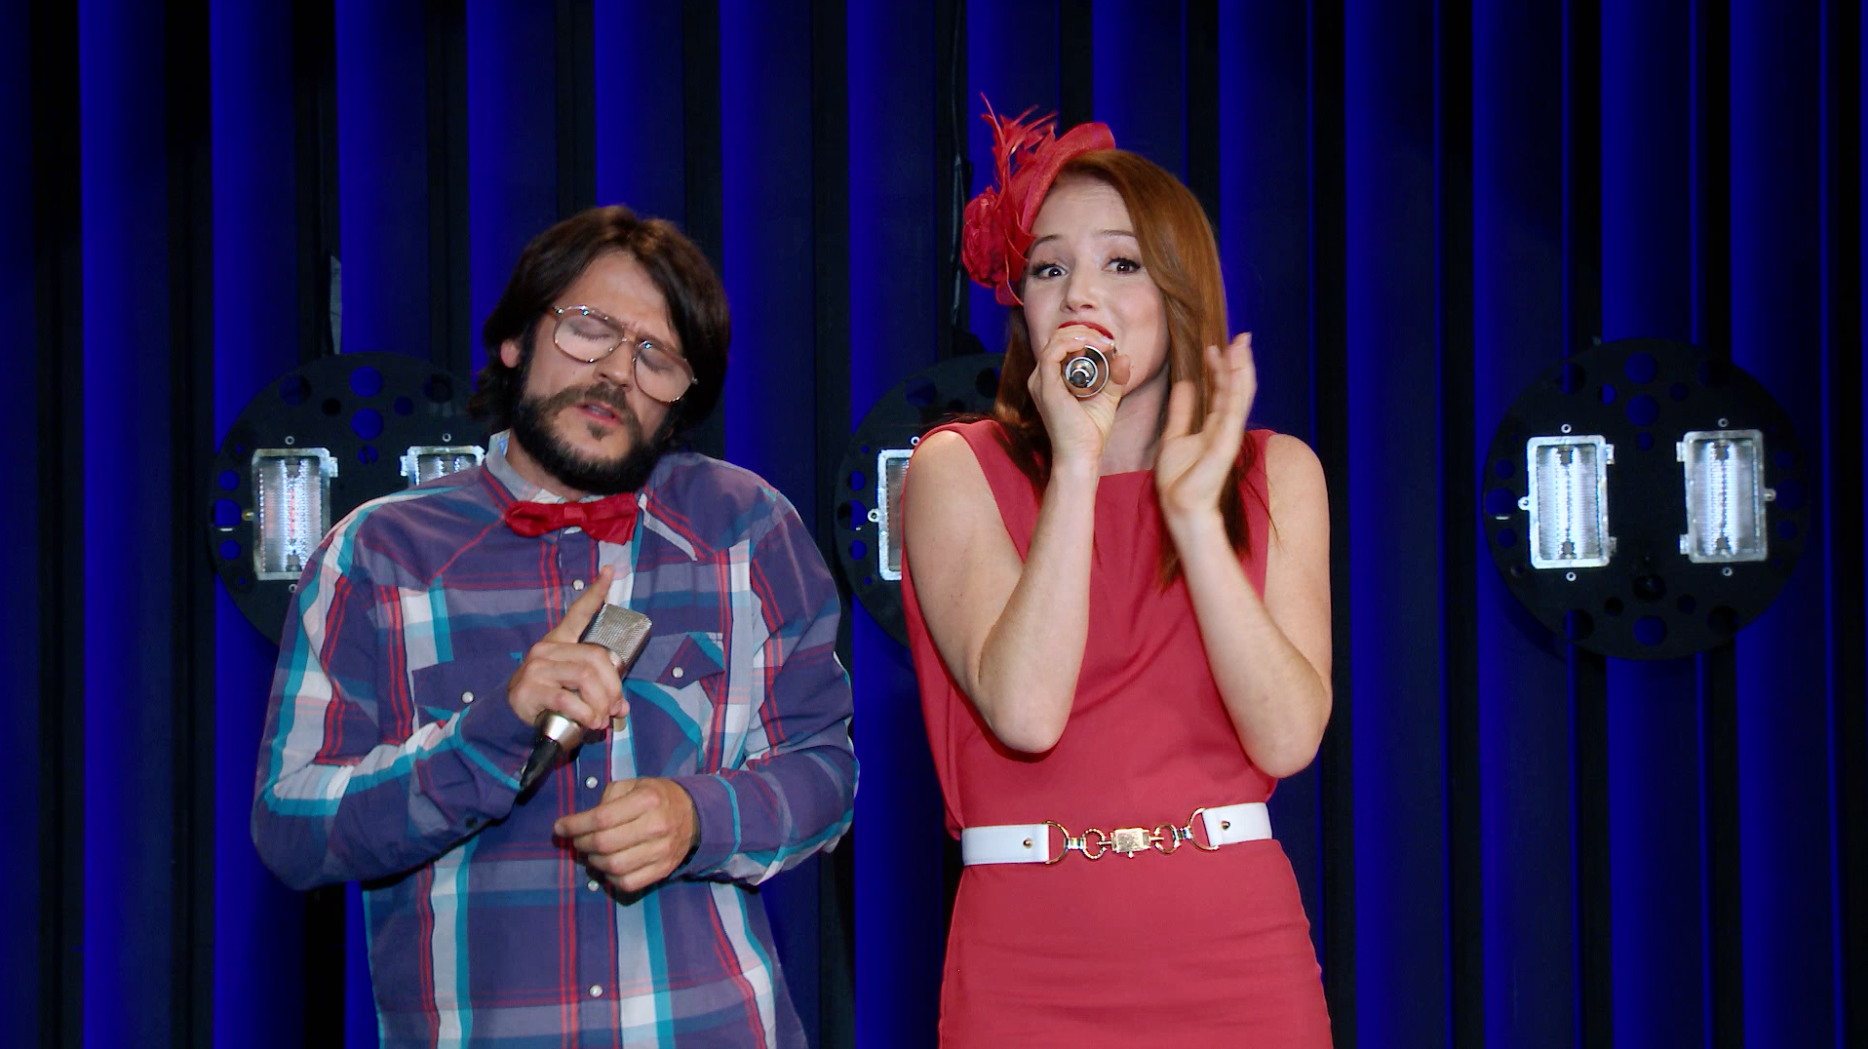 Ana y Ricardo: Corazón - Momento musical - Soy Luna